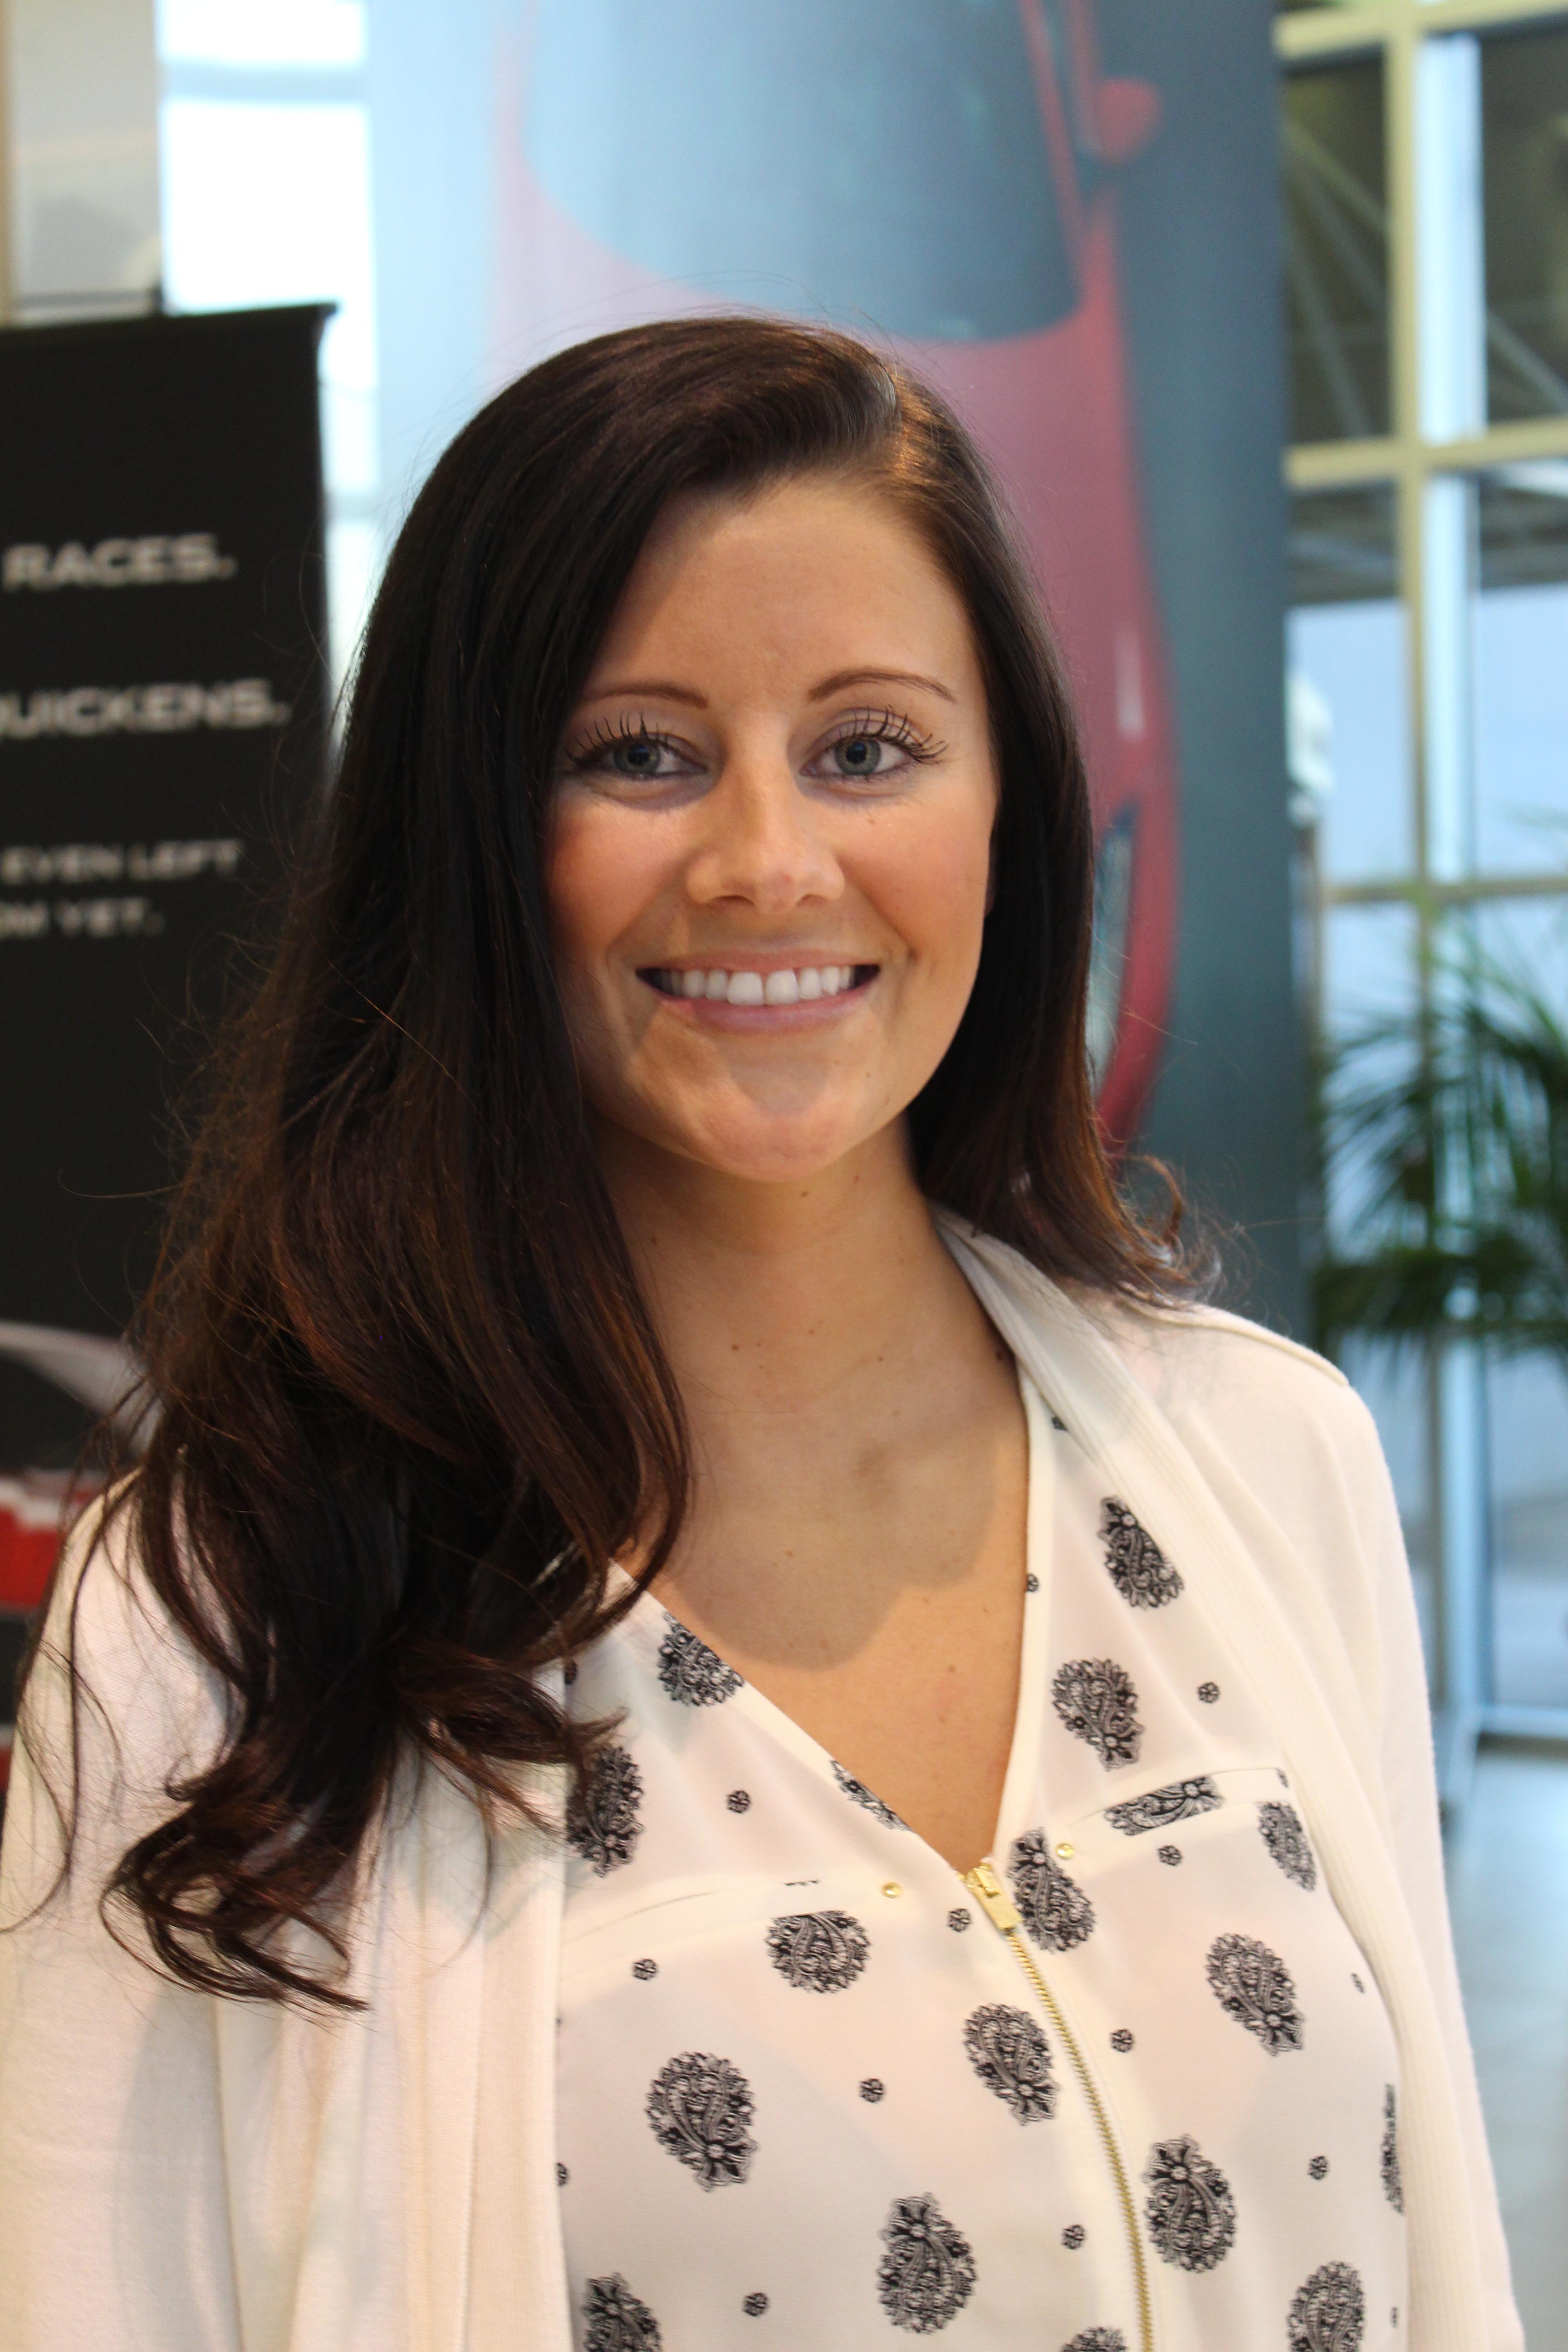 Natalie Orrell